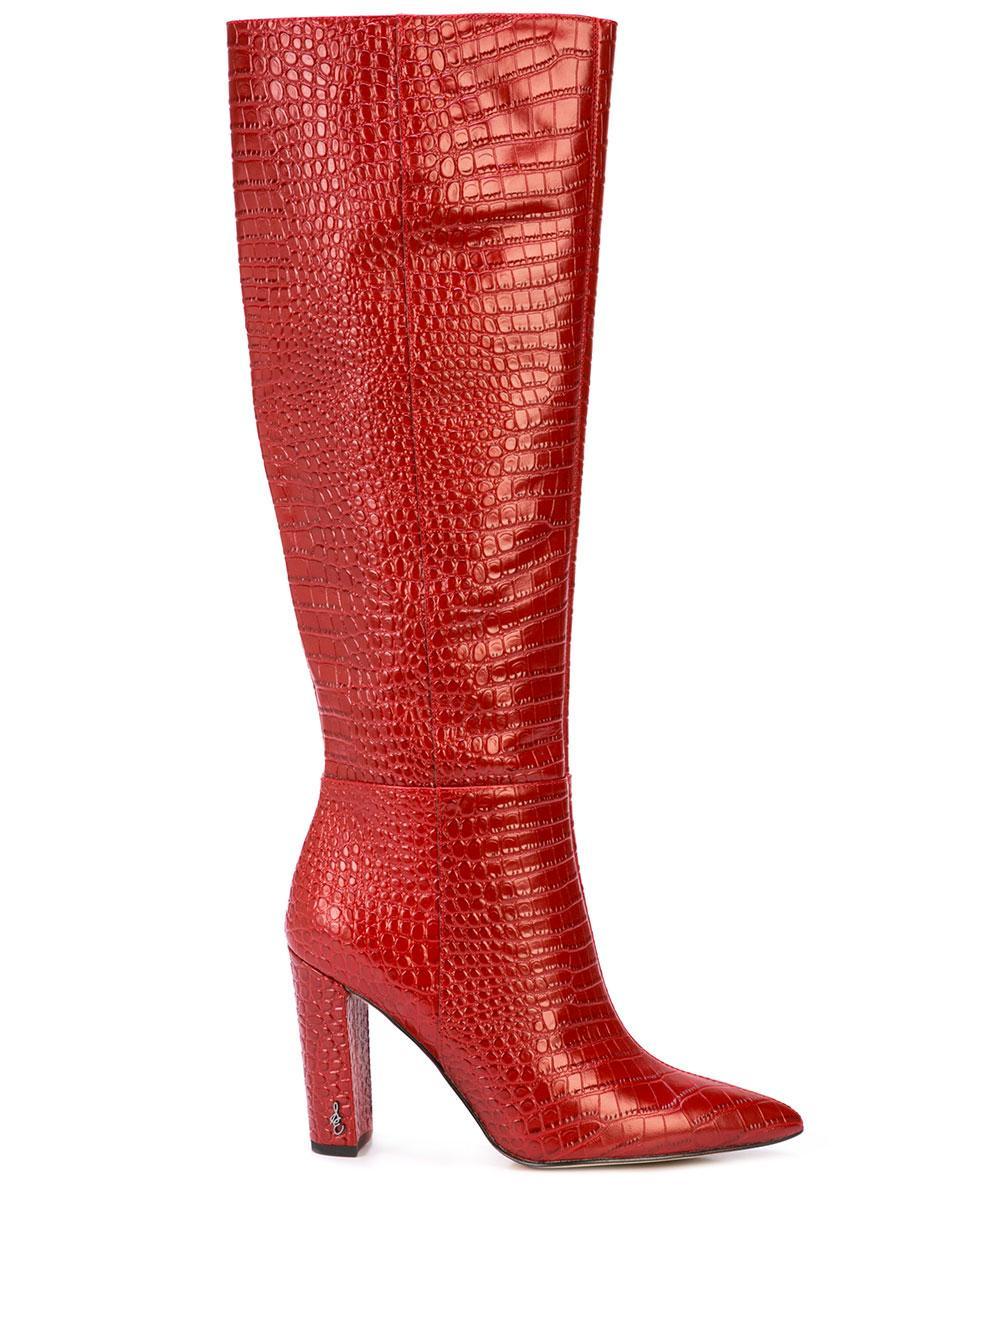 Tall Croc Boot Item # RAAKEL-2